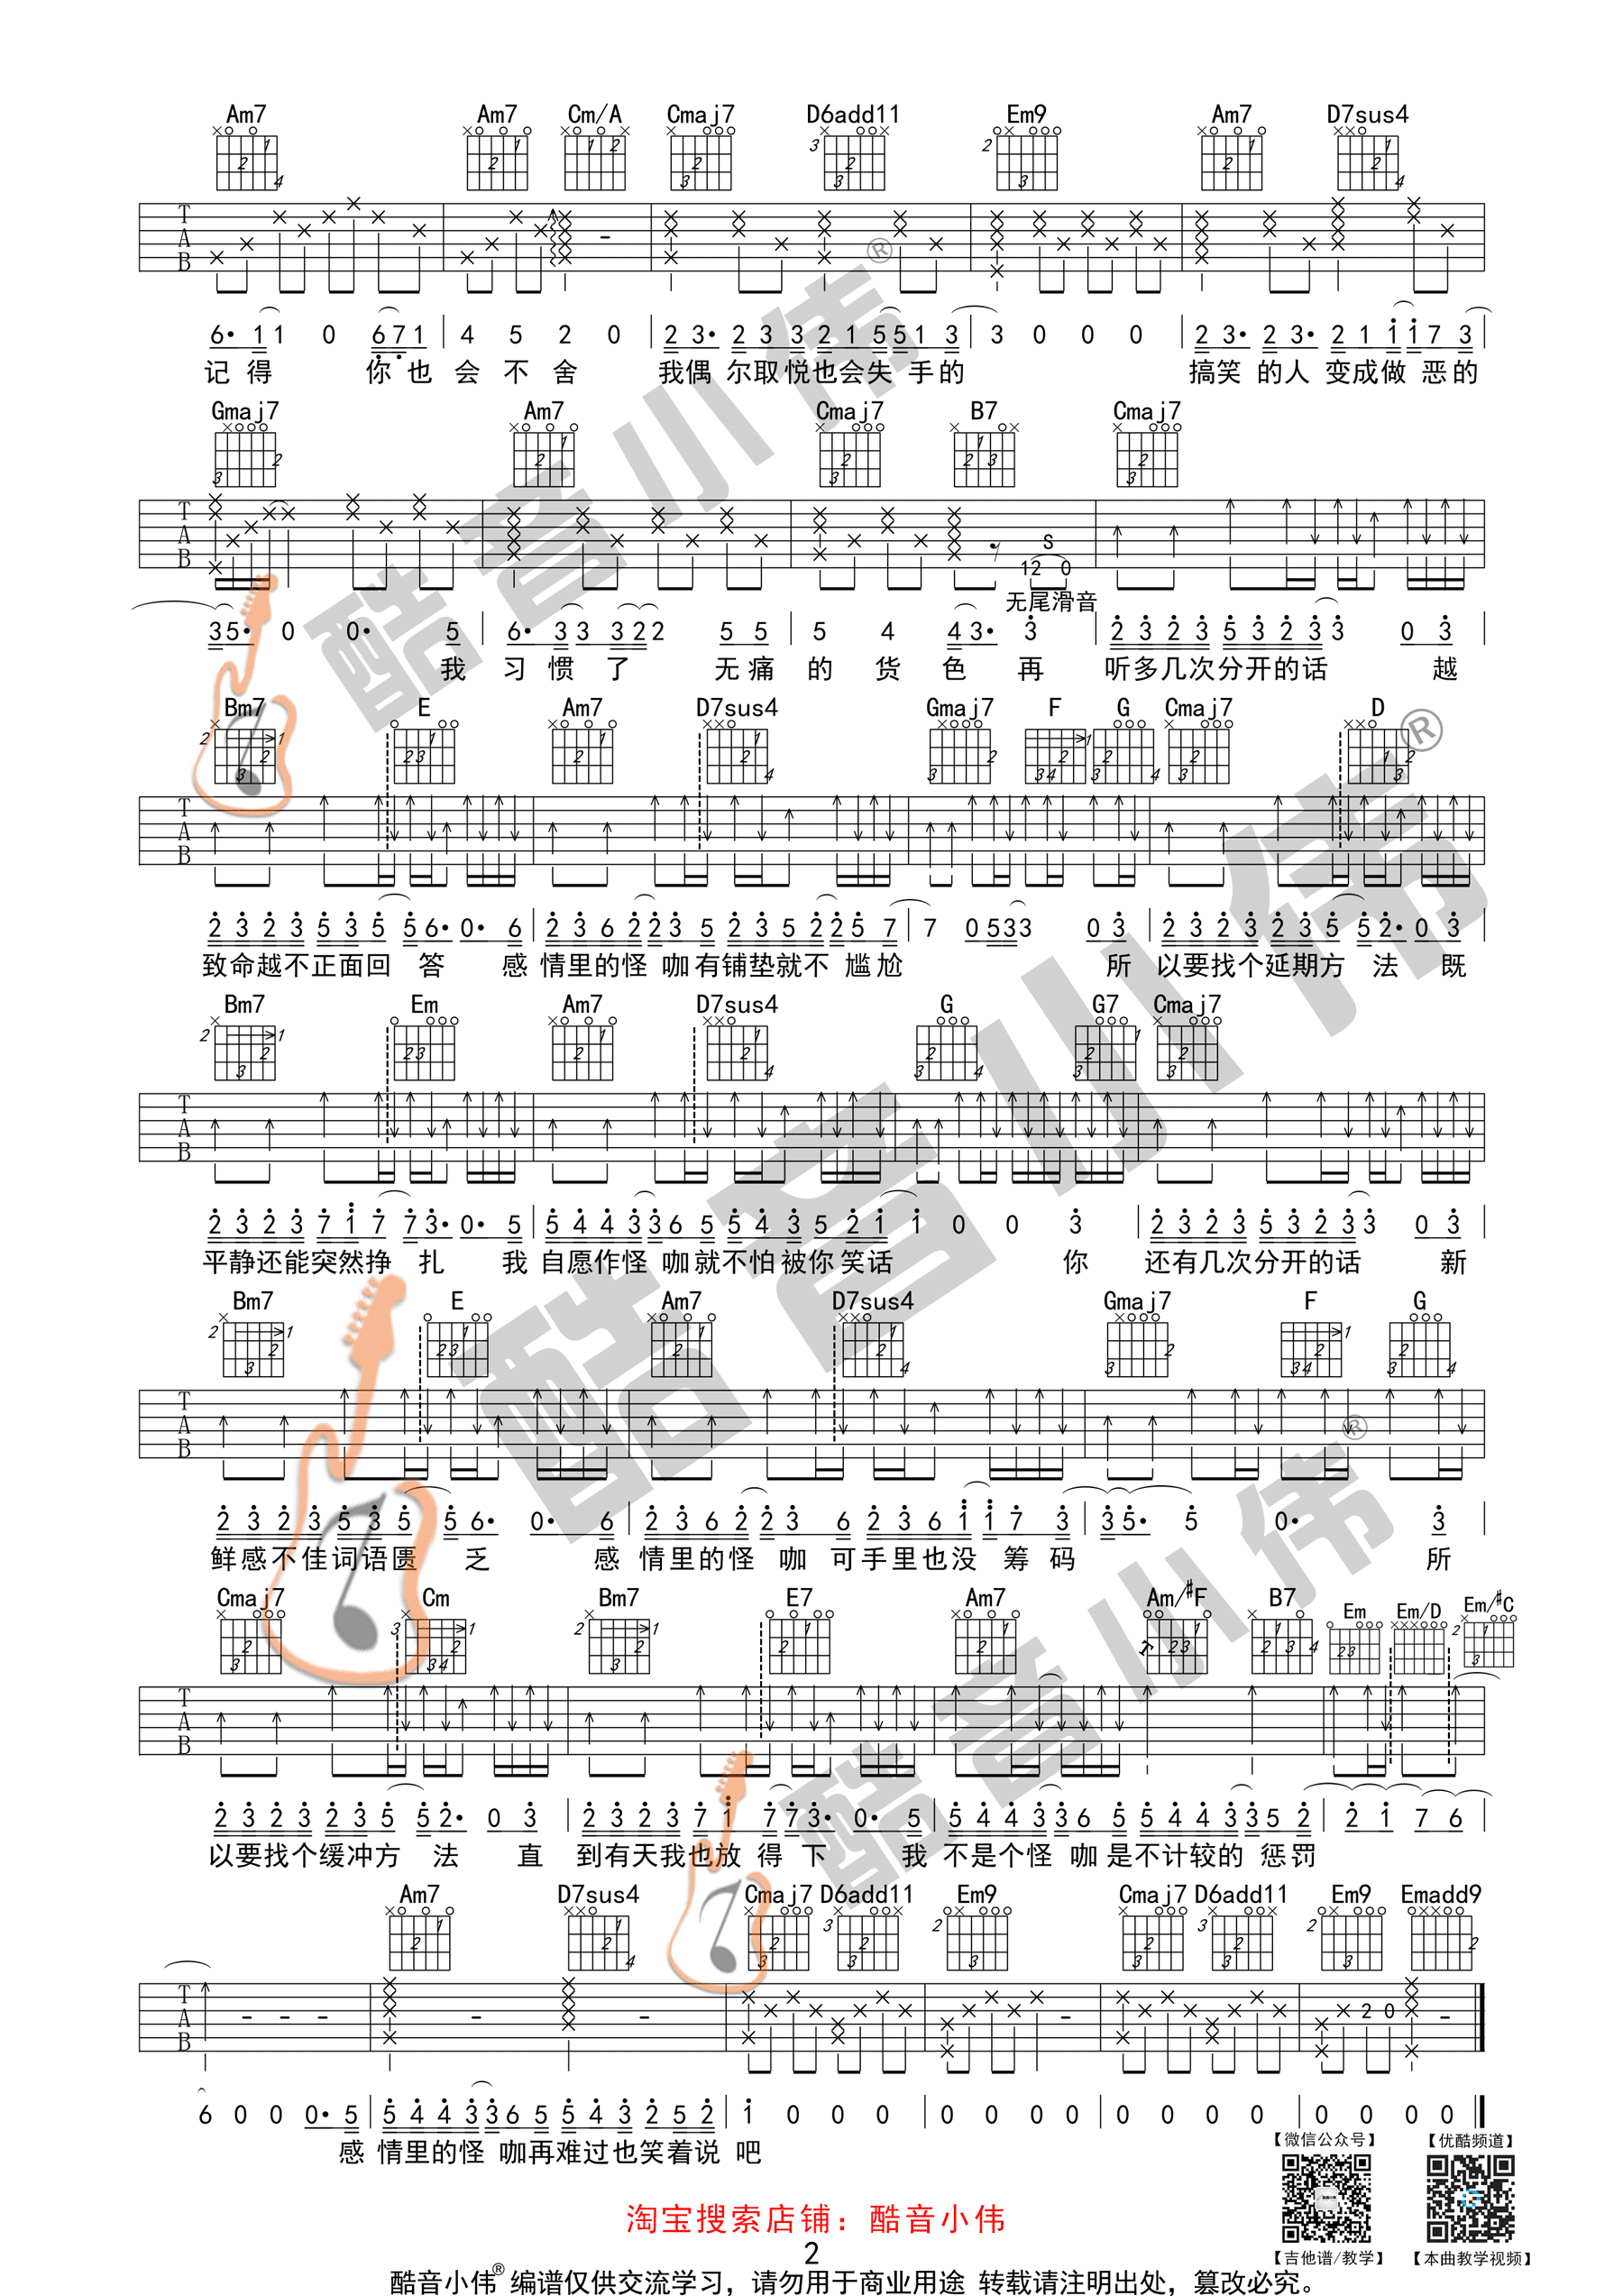 怪咖-薛之謙-图片吉他谱-2